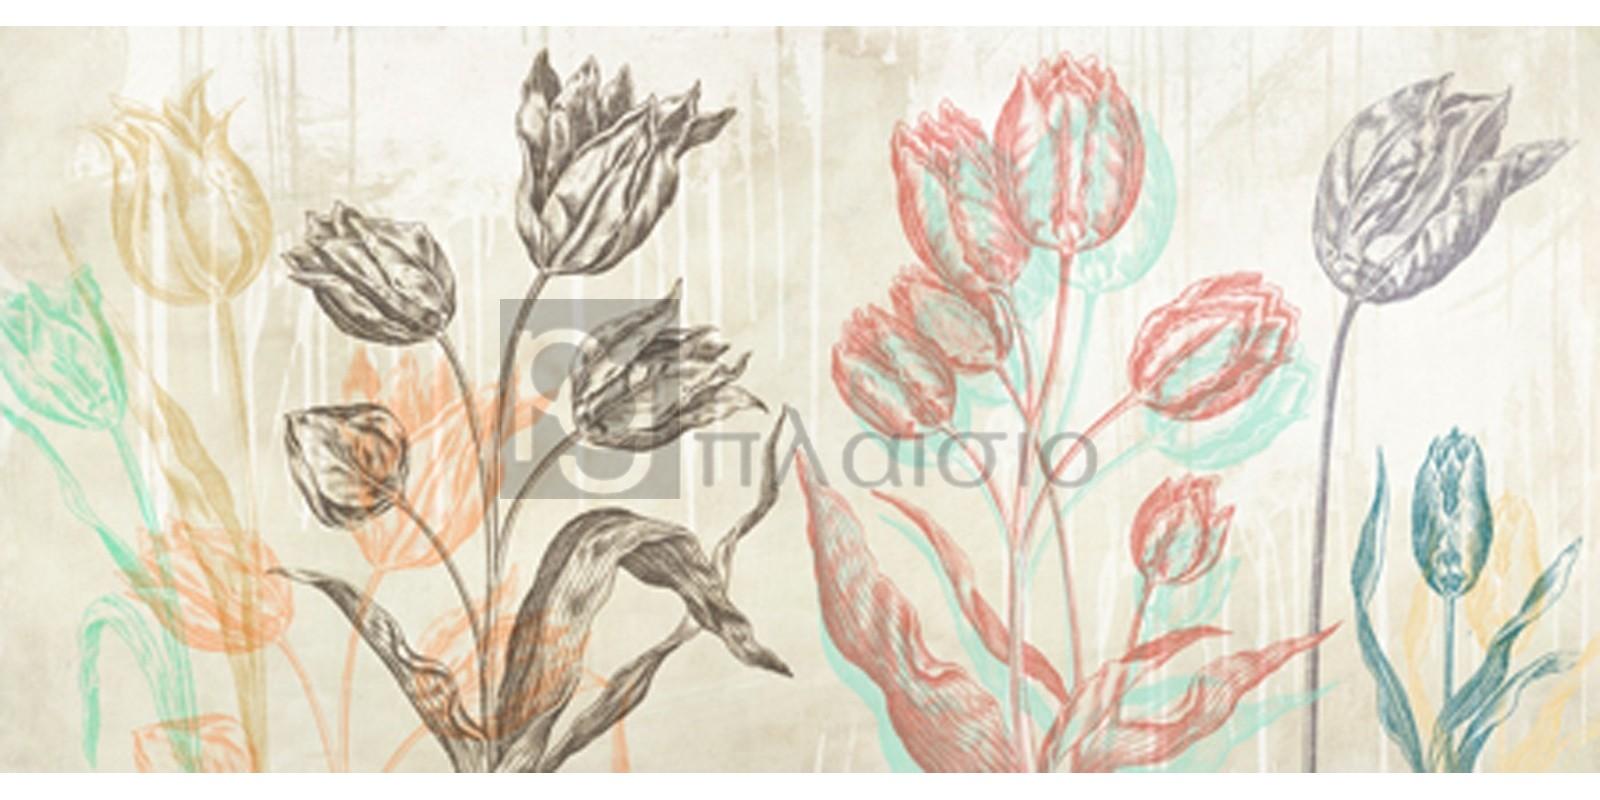 ERIC CHESTIER - Botaniques Cochin 1 (coleurs)